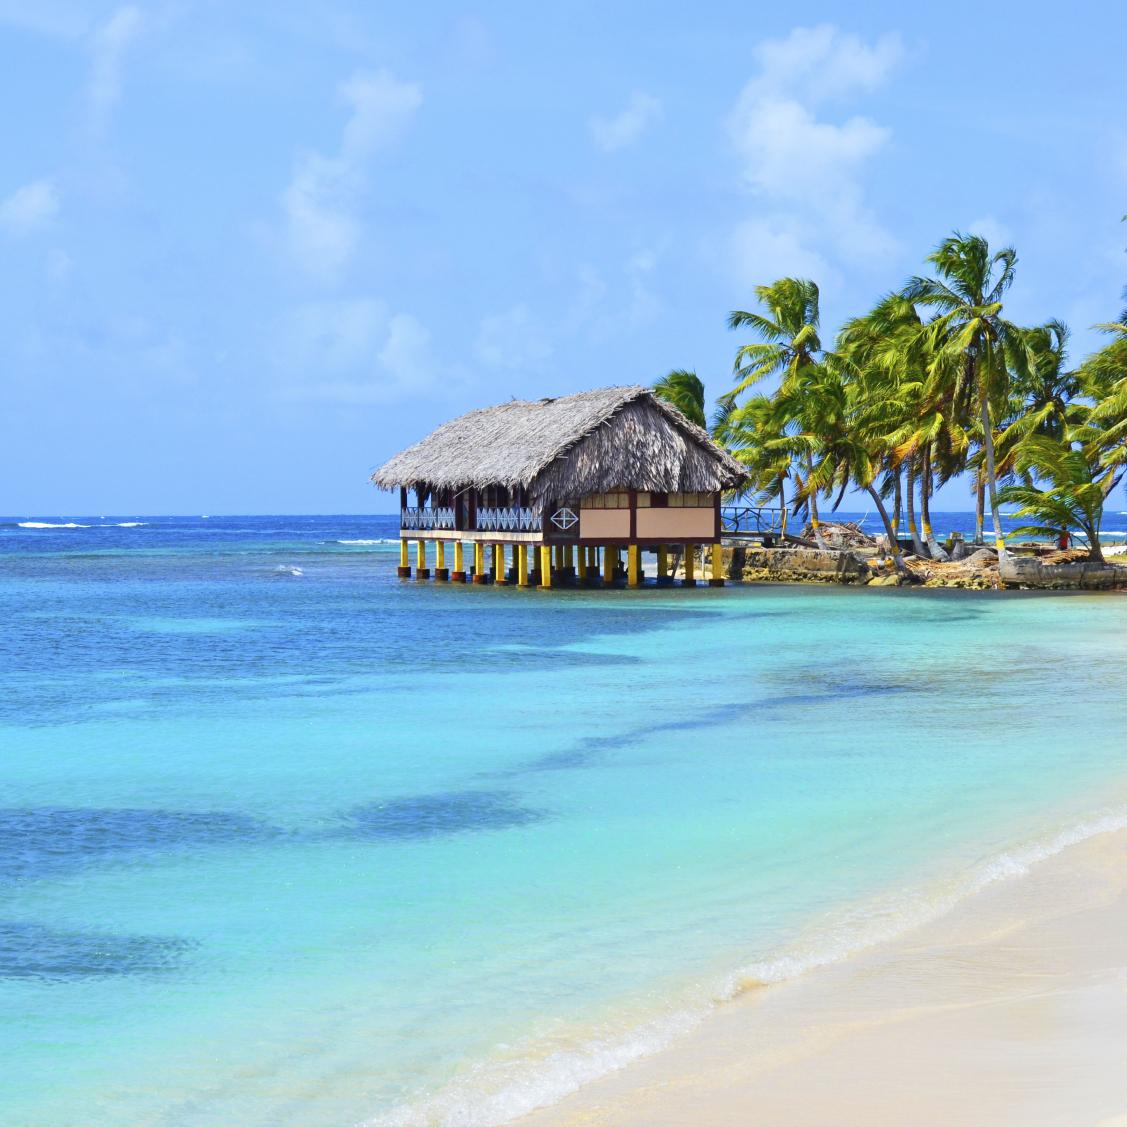 Flüge nach Panama (Mittelamerika) ab 358€ hin und zurück von Düsseldorf, Hamburg, München und Berlin (April - Juni)